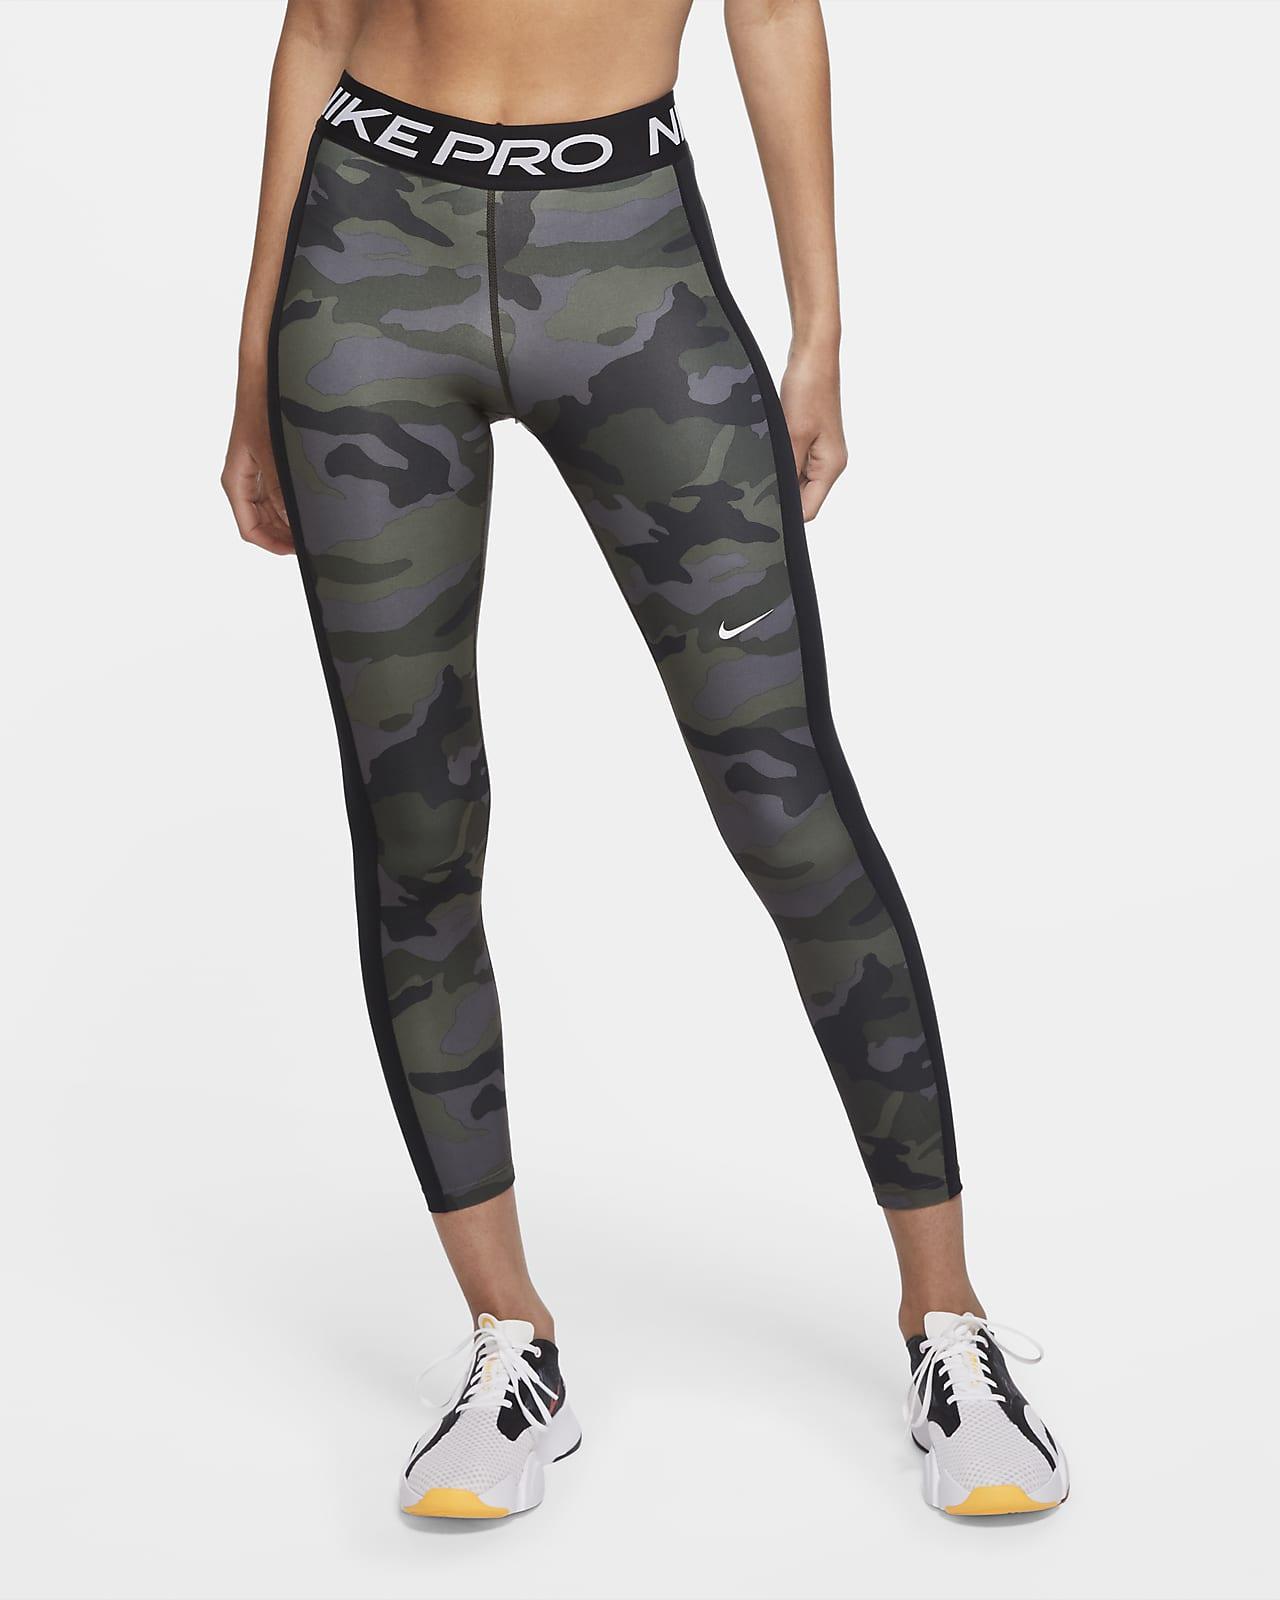 Nike Pro 7/8 Kamuflaj Desenli Kadın Taytı